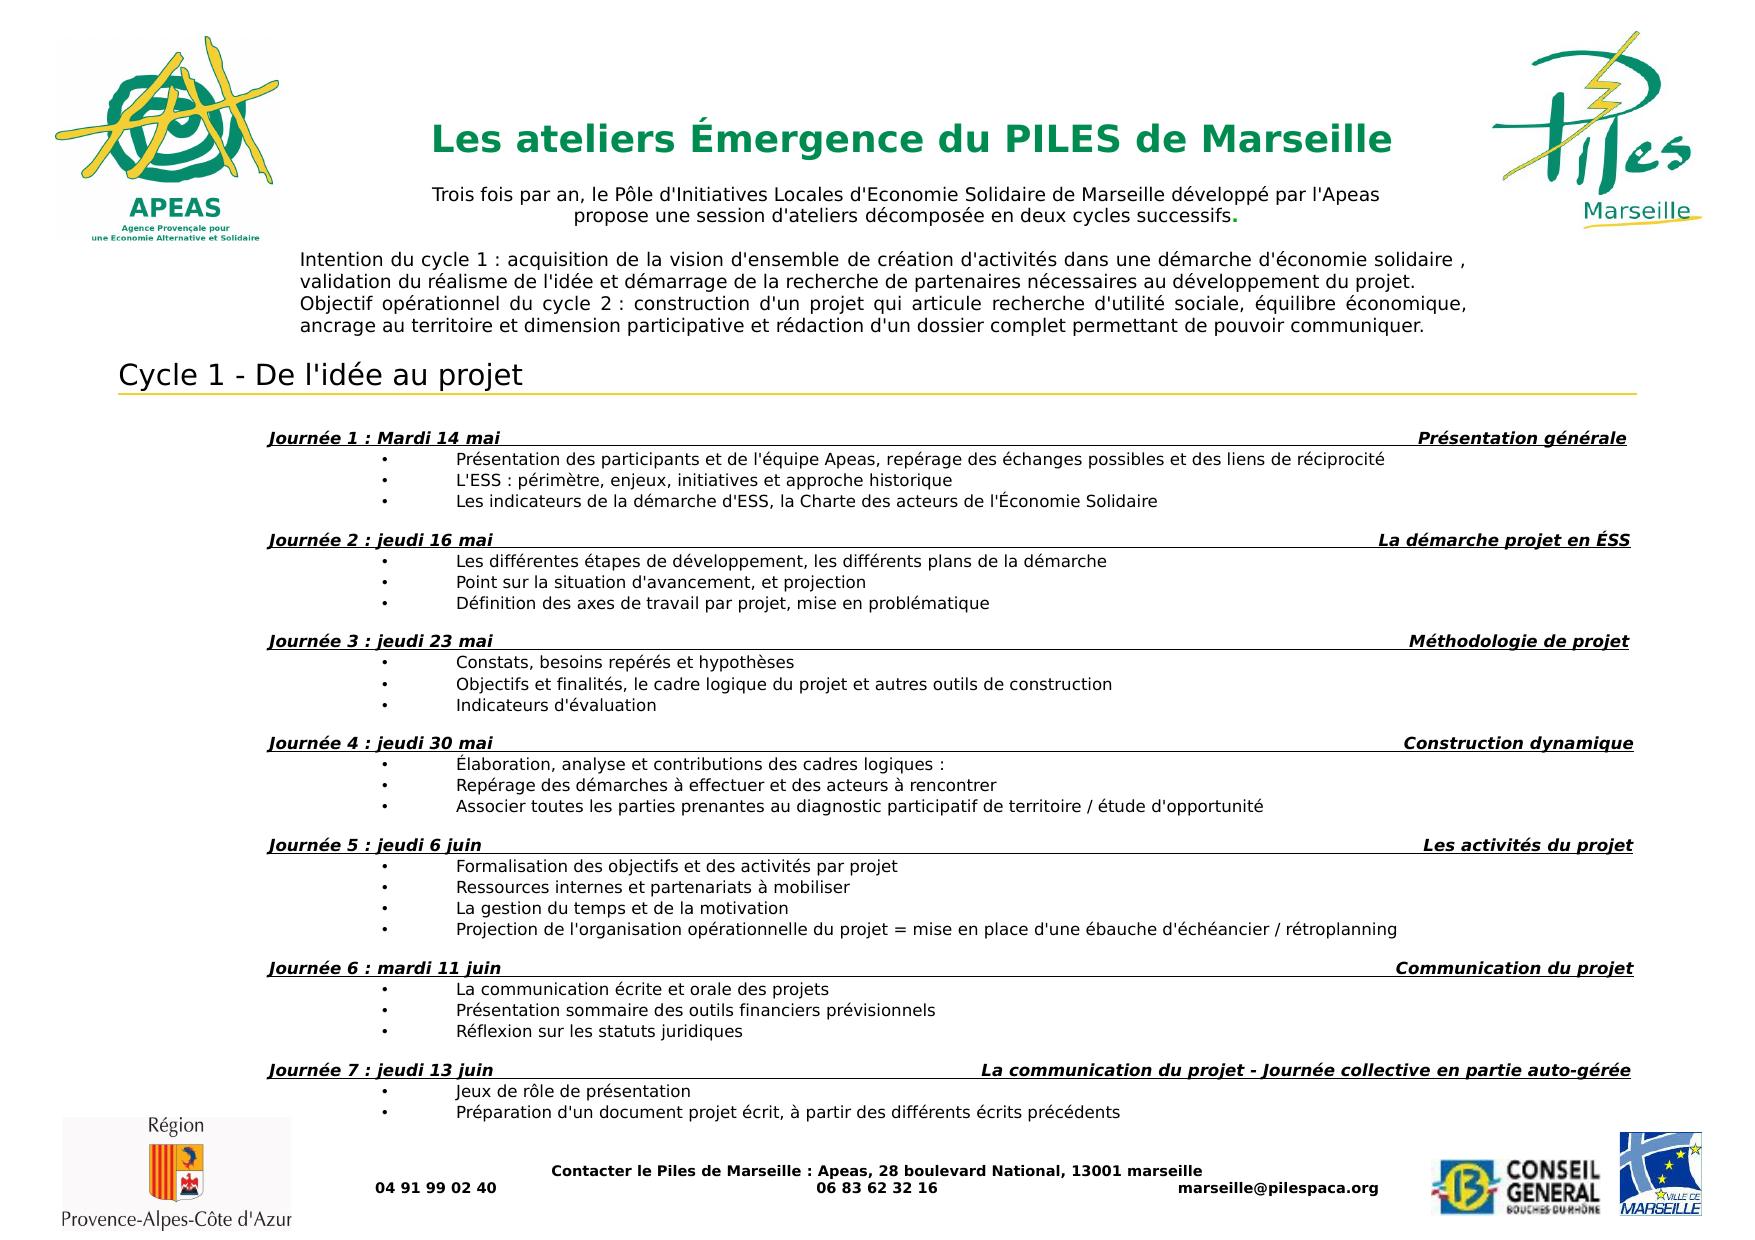 Initiatives Calendrier.Calendrier Du Cycle D Ateliers Du 23 Mai Au 11 Juillet 2013